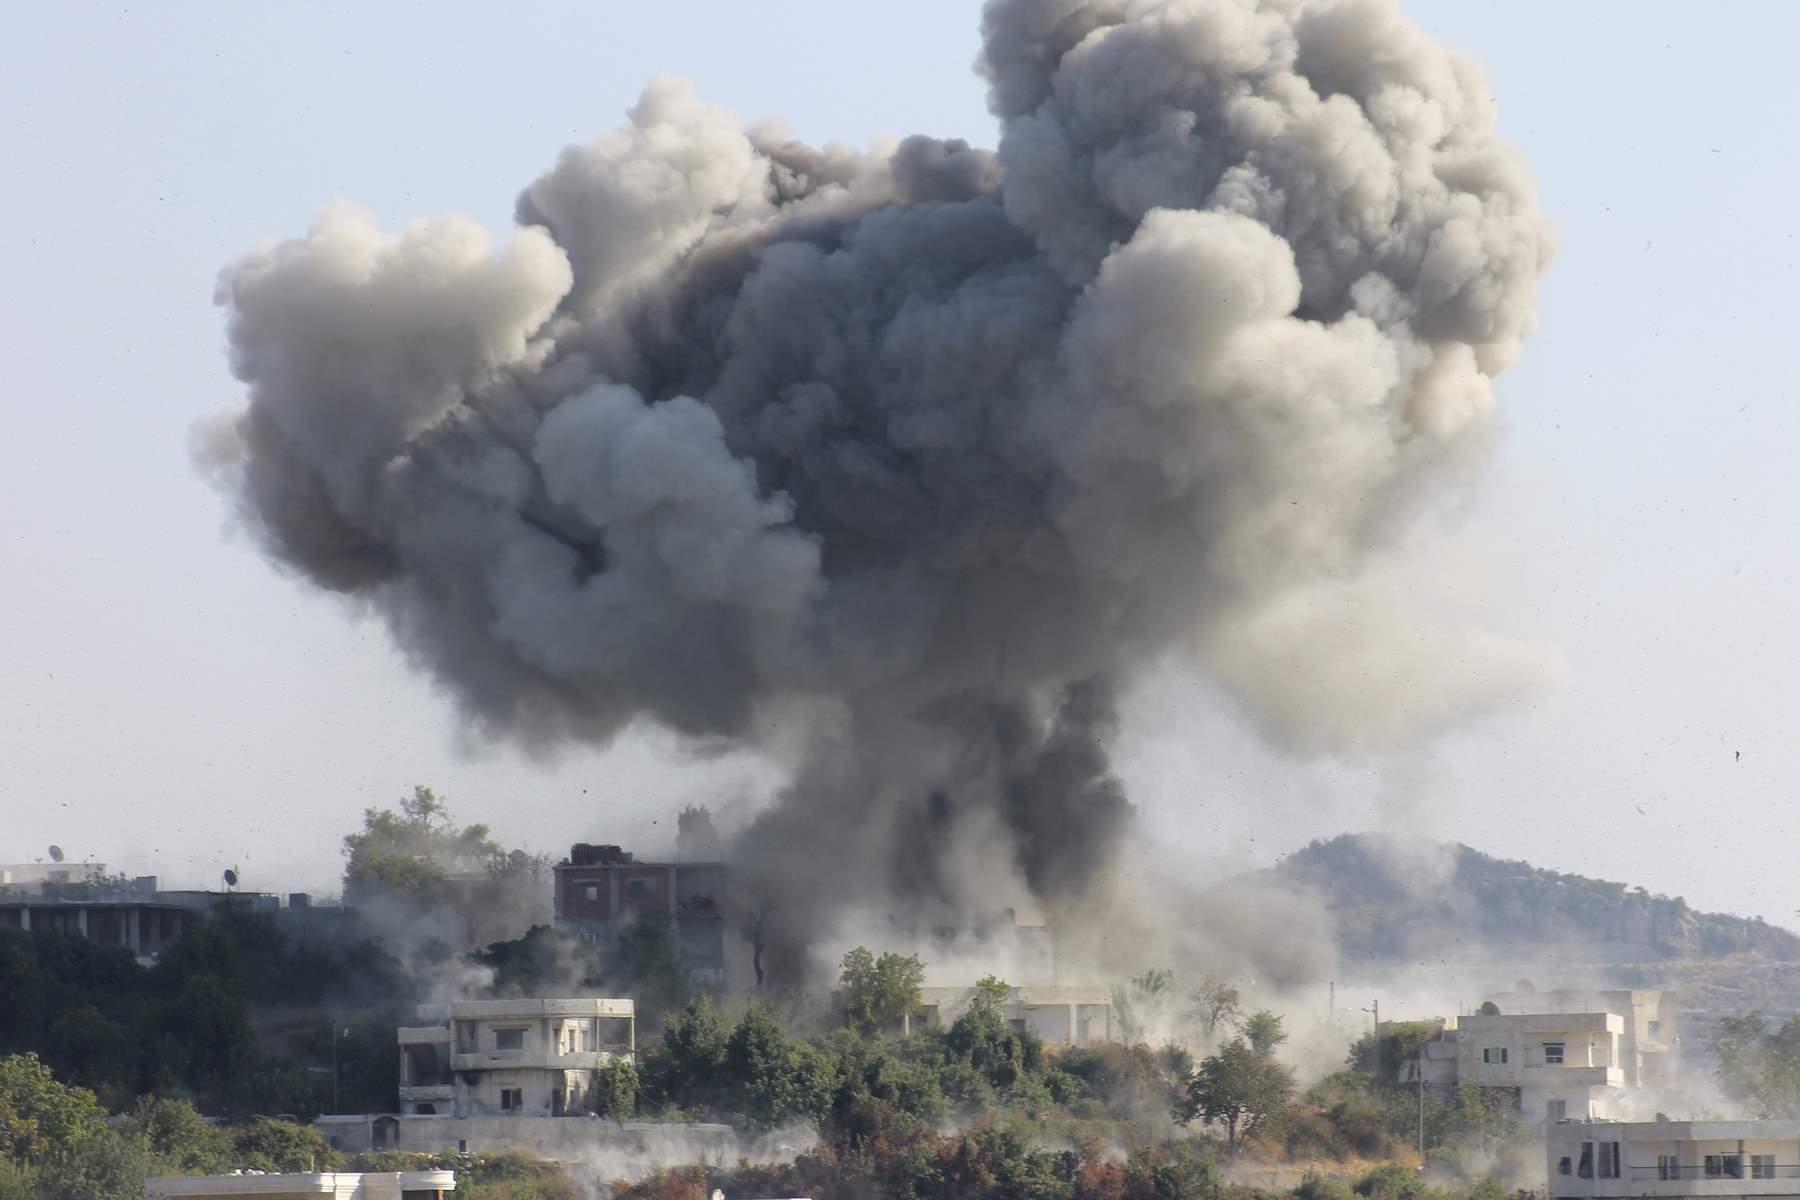 Como parte de la contienda contra el Estado Islámico, Estados Unidos ha bombardeado Siria con la guerra civil de por medio.